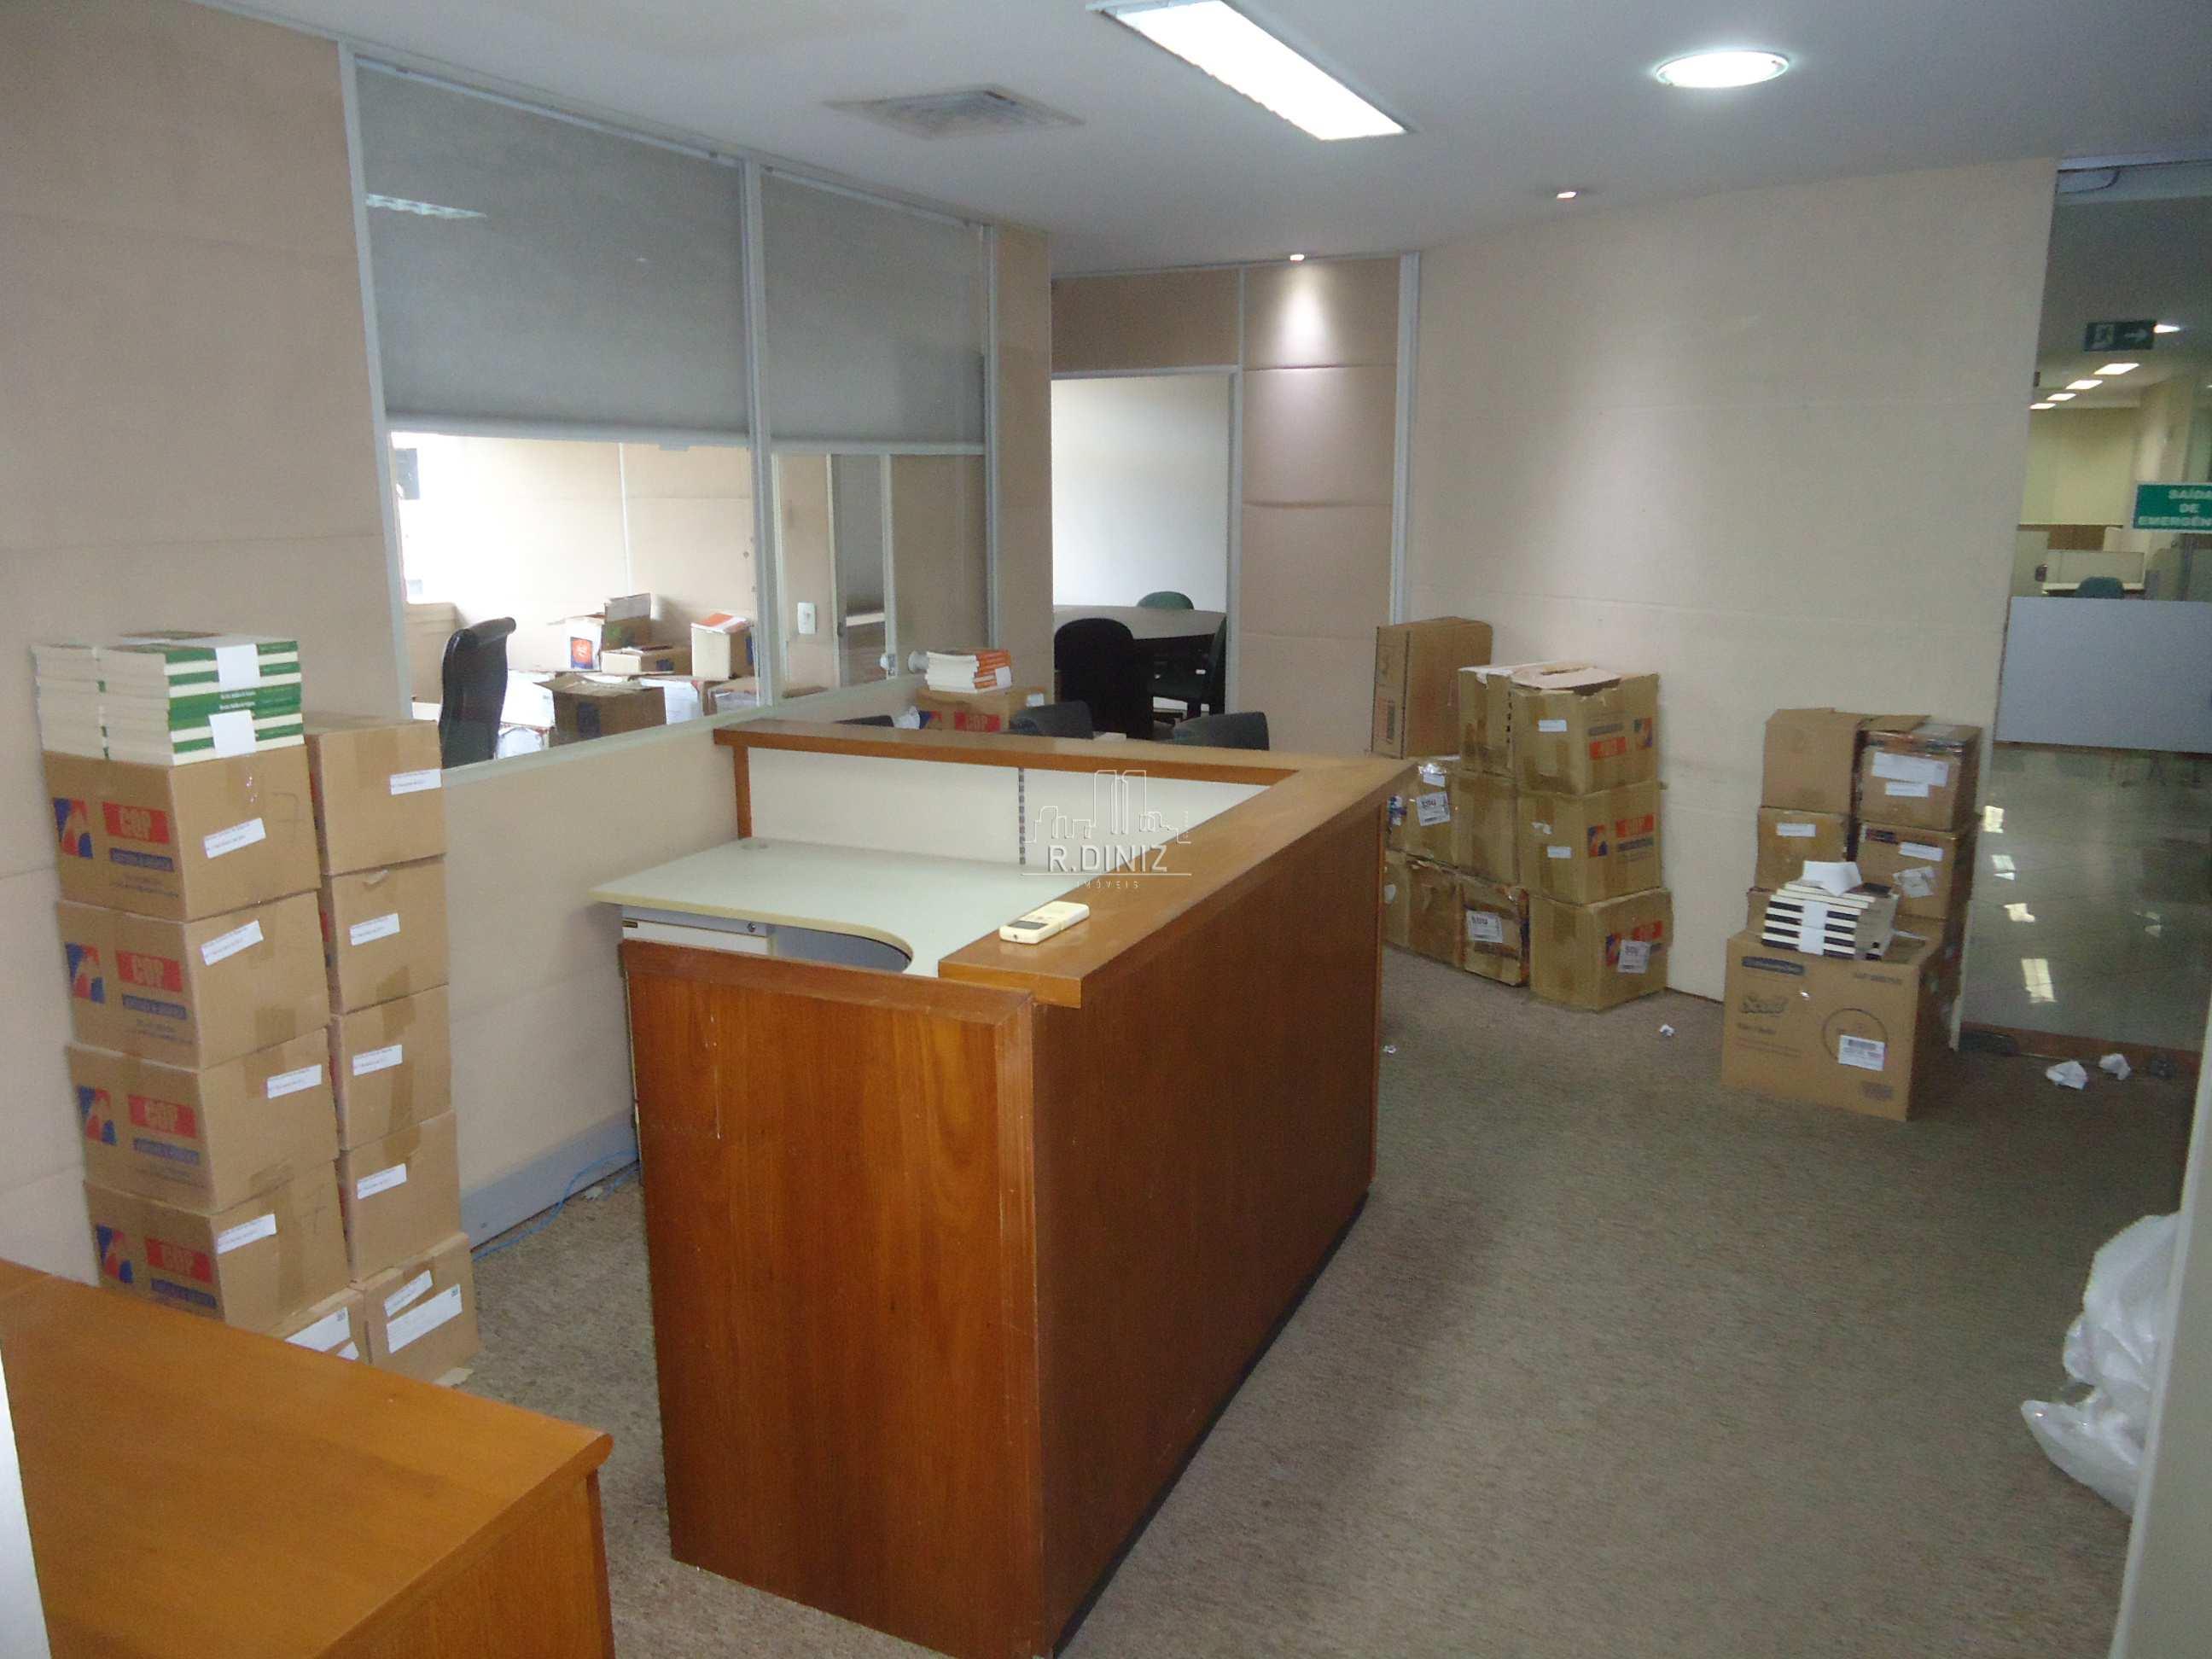 Centro, Cinelândia, Rua Senador Dantas, Andar corporativo, Aluguel, Rio de Janeiro, RJ - im011307 - 27